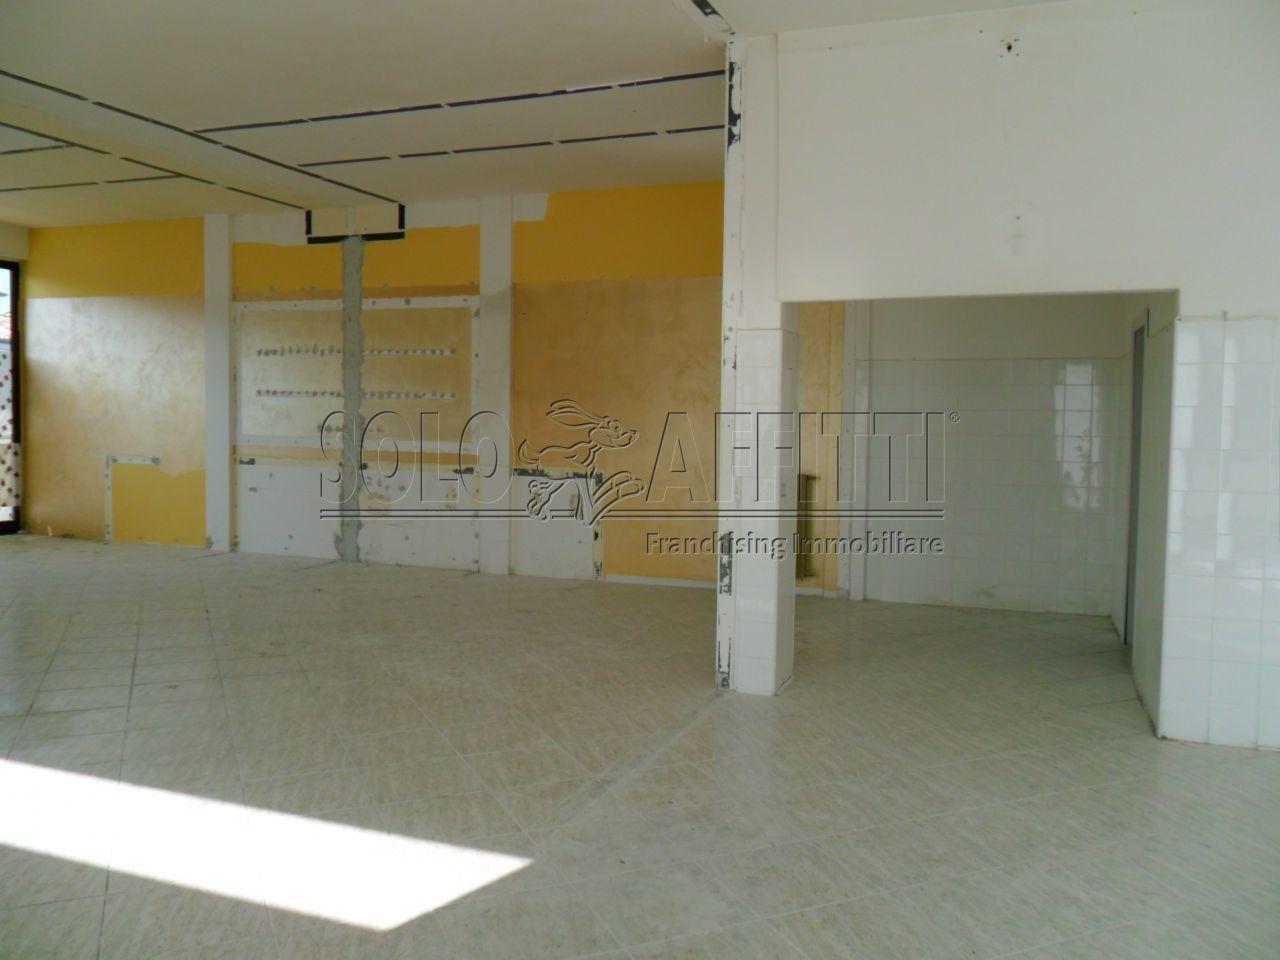 Fondo/negozio - 2 vetrine/luci a Gallodoro, Jesi